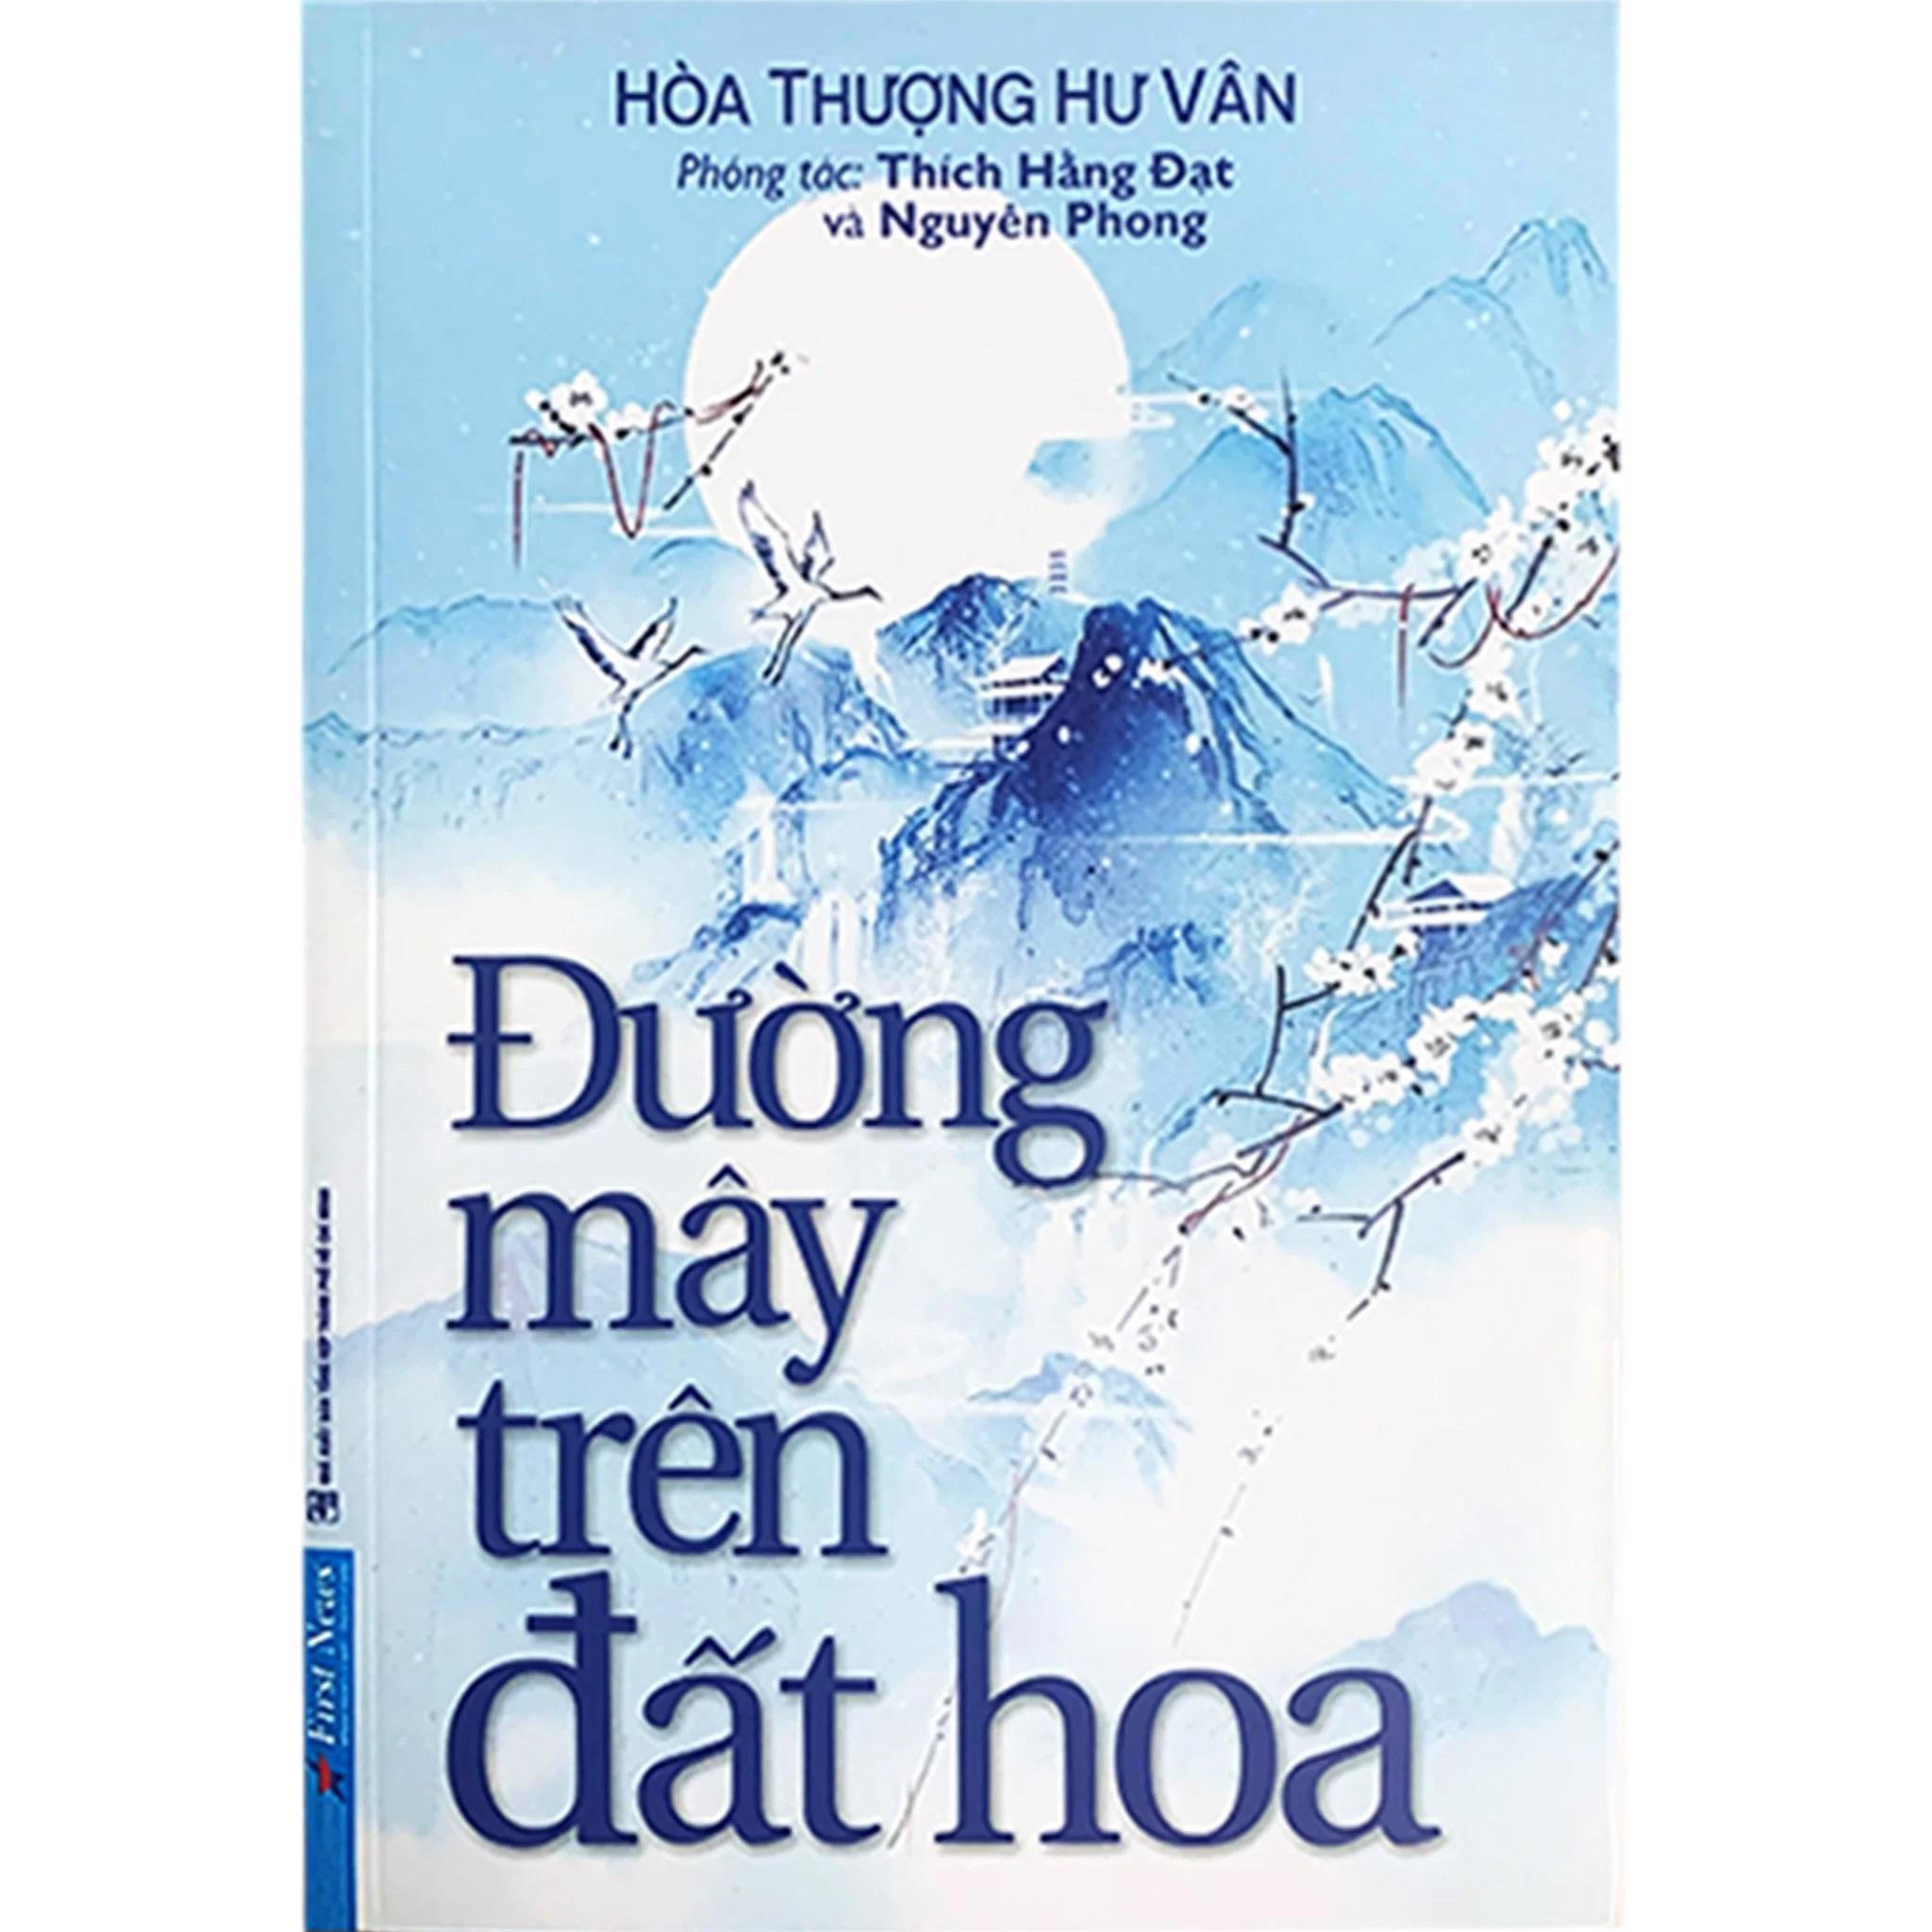 Đường mây trên đất hoa - Hòa thượng Hư Vân - Nguyên Phong phóng tác